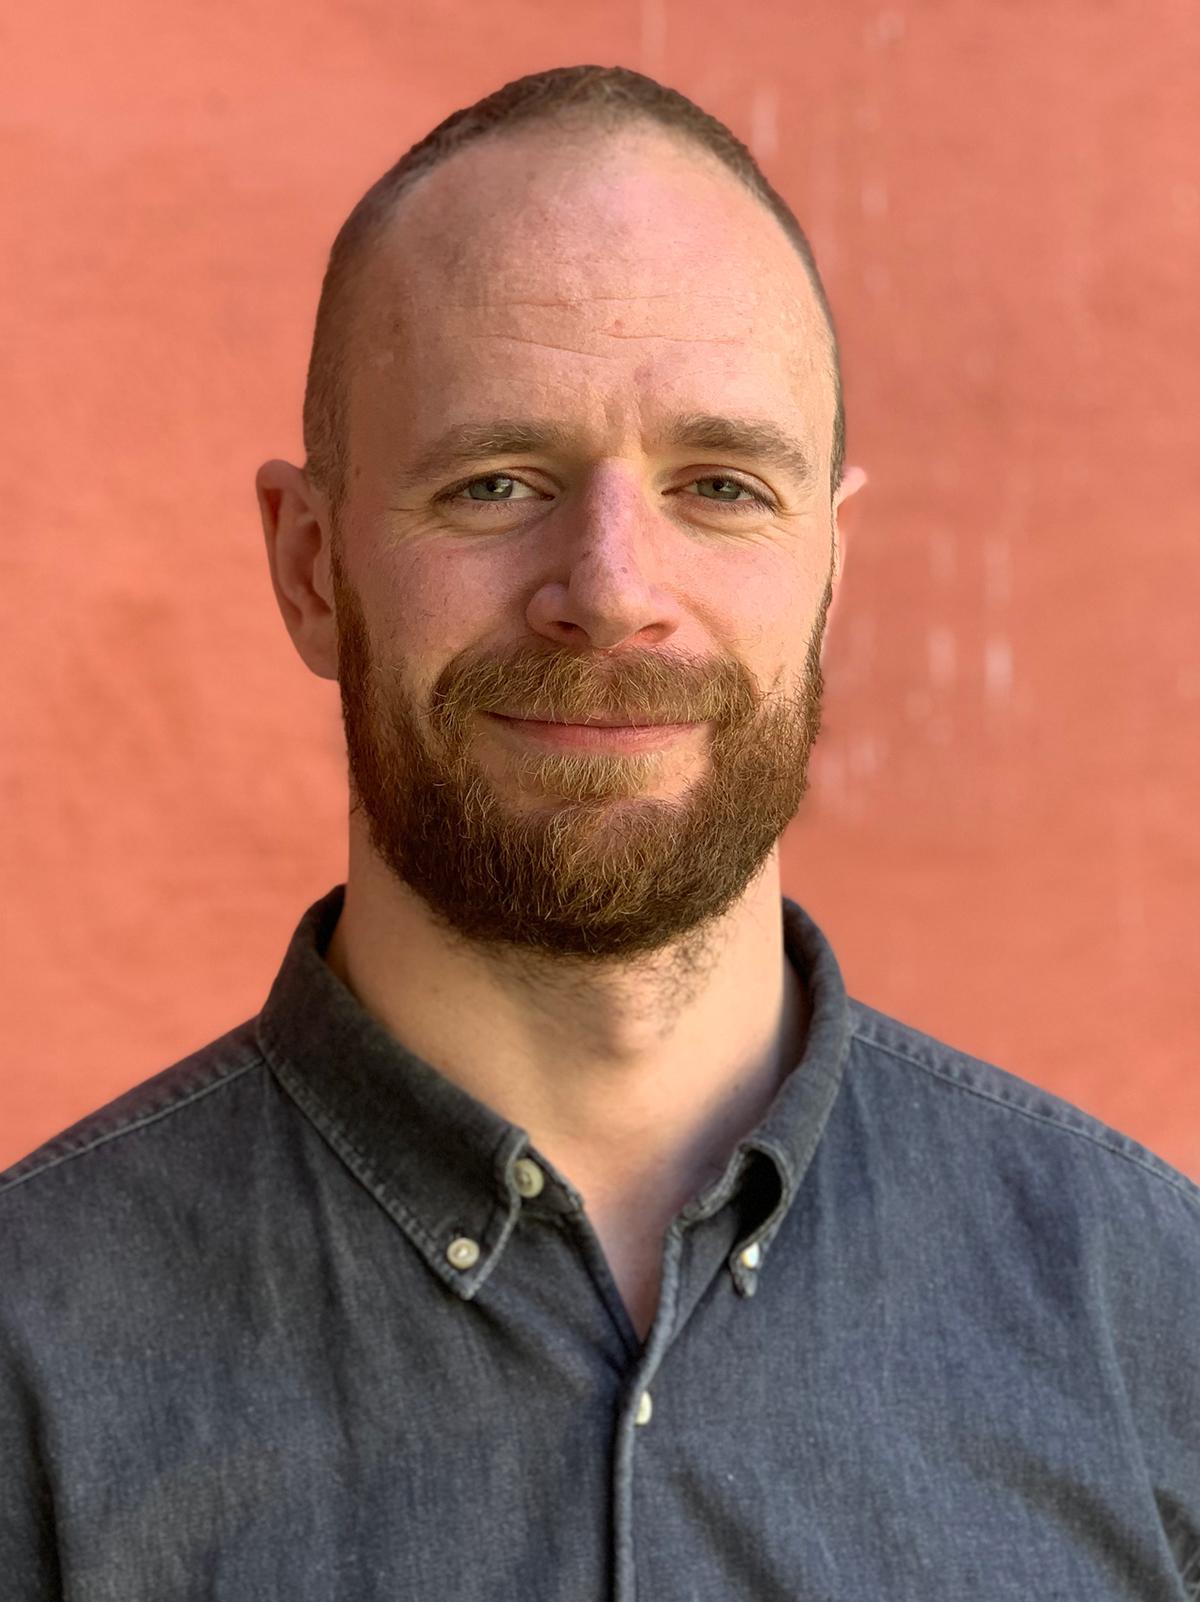 Mann i blå skjorte mot rød bakgrunn, forsiktig smil. Profilbilde Slagstad.